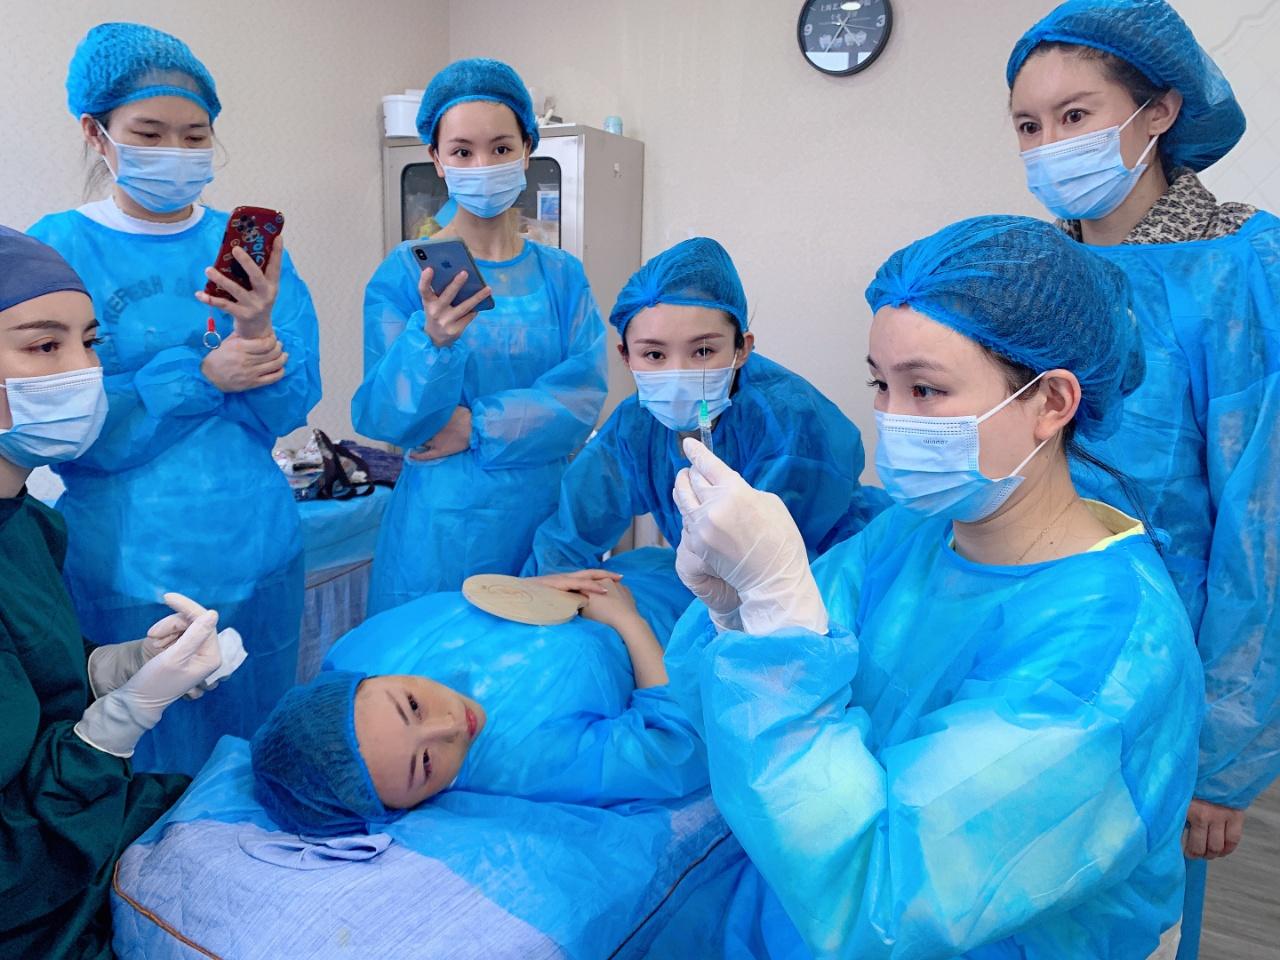 苏州针剂线雕双眼皮培训机构厂家